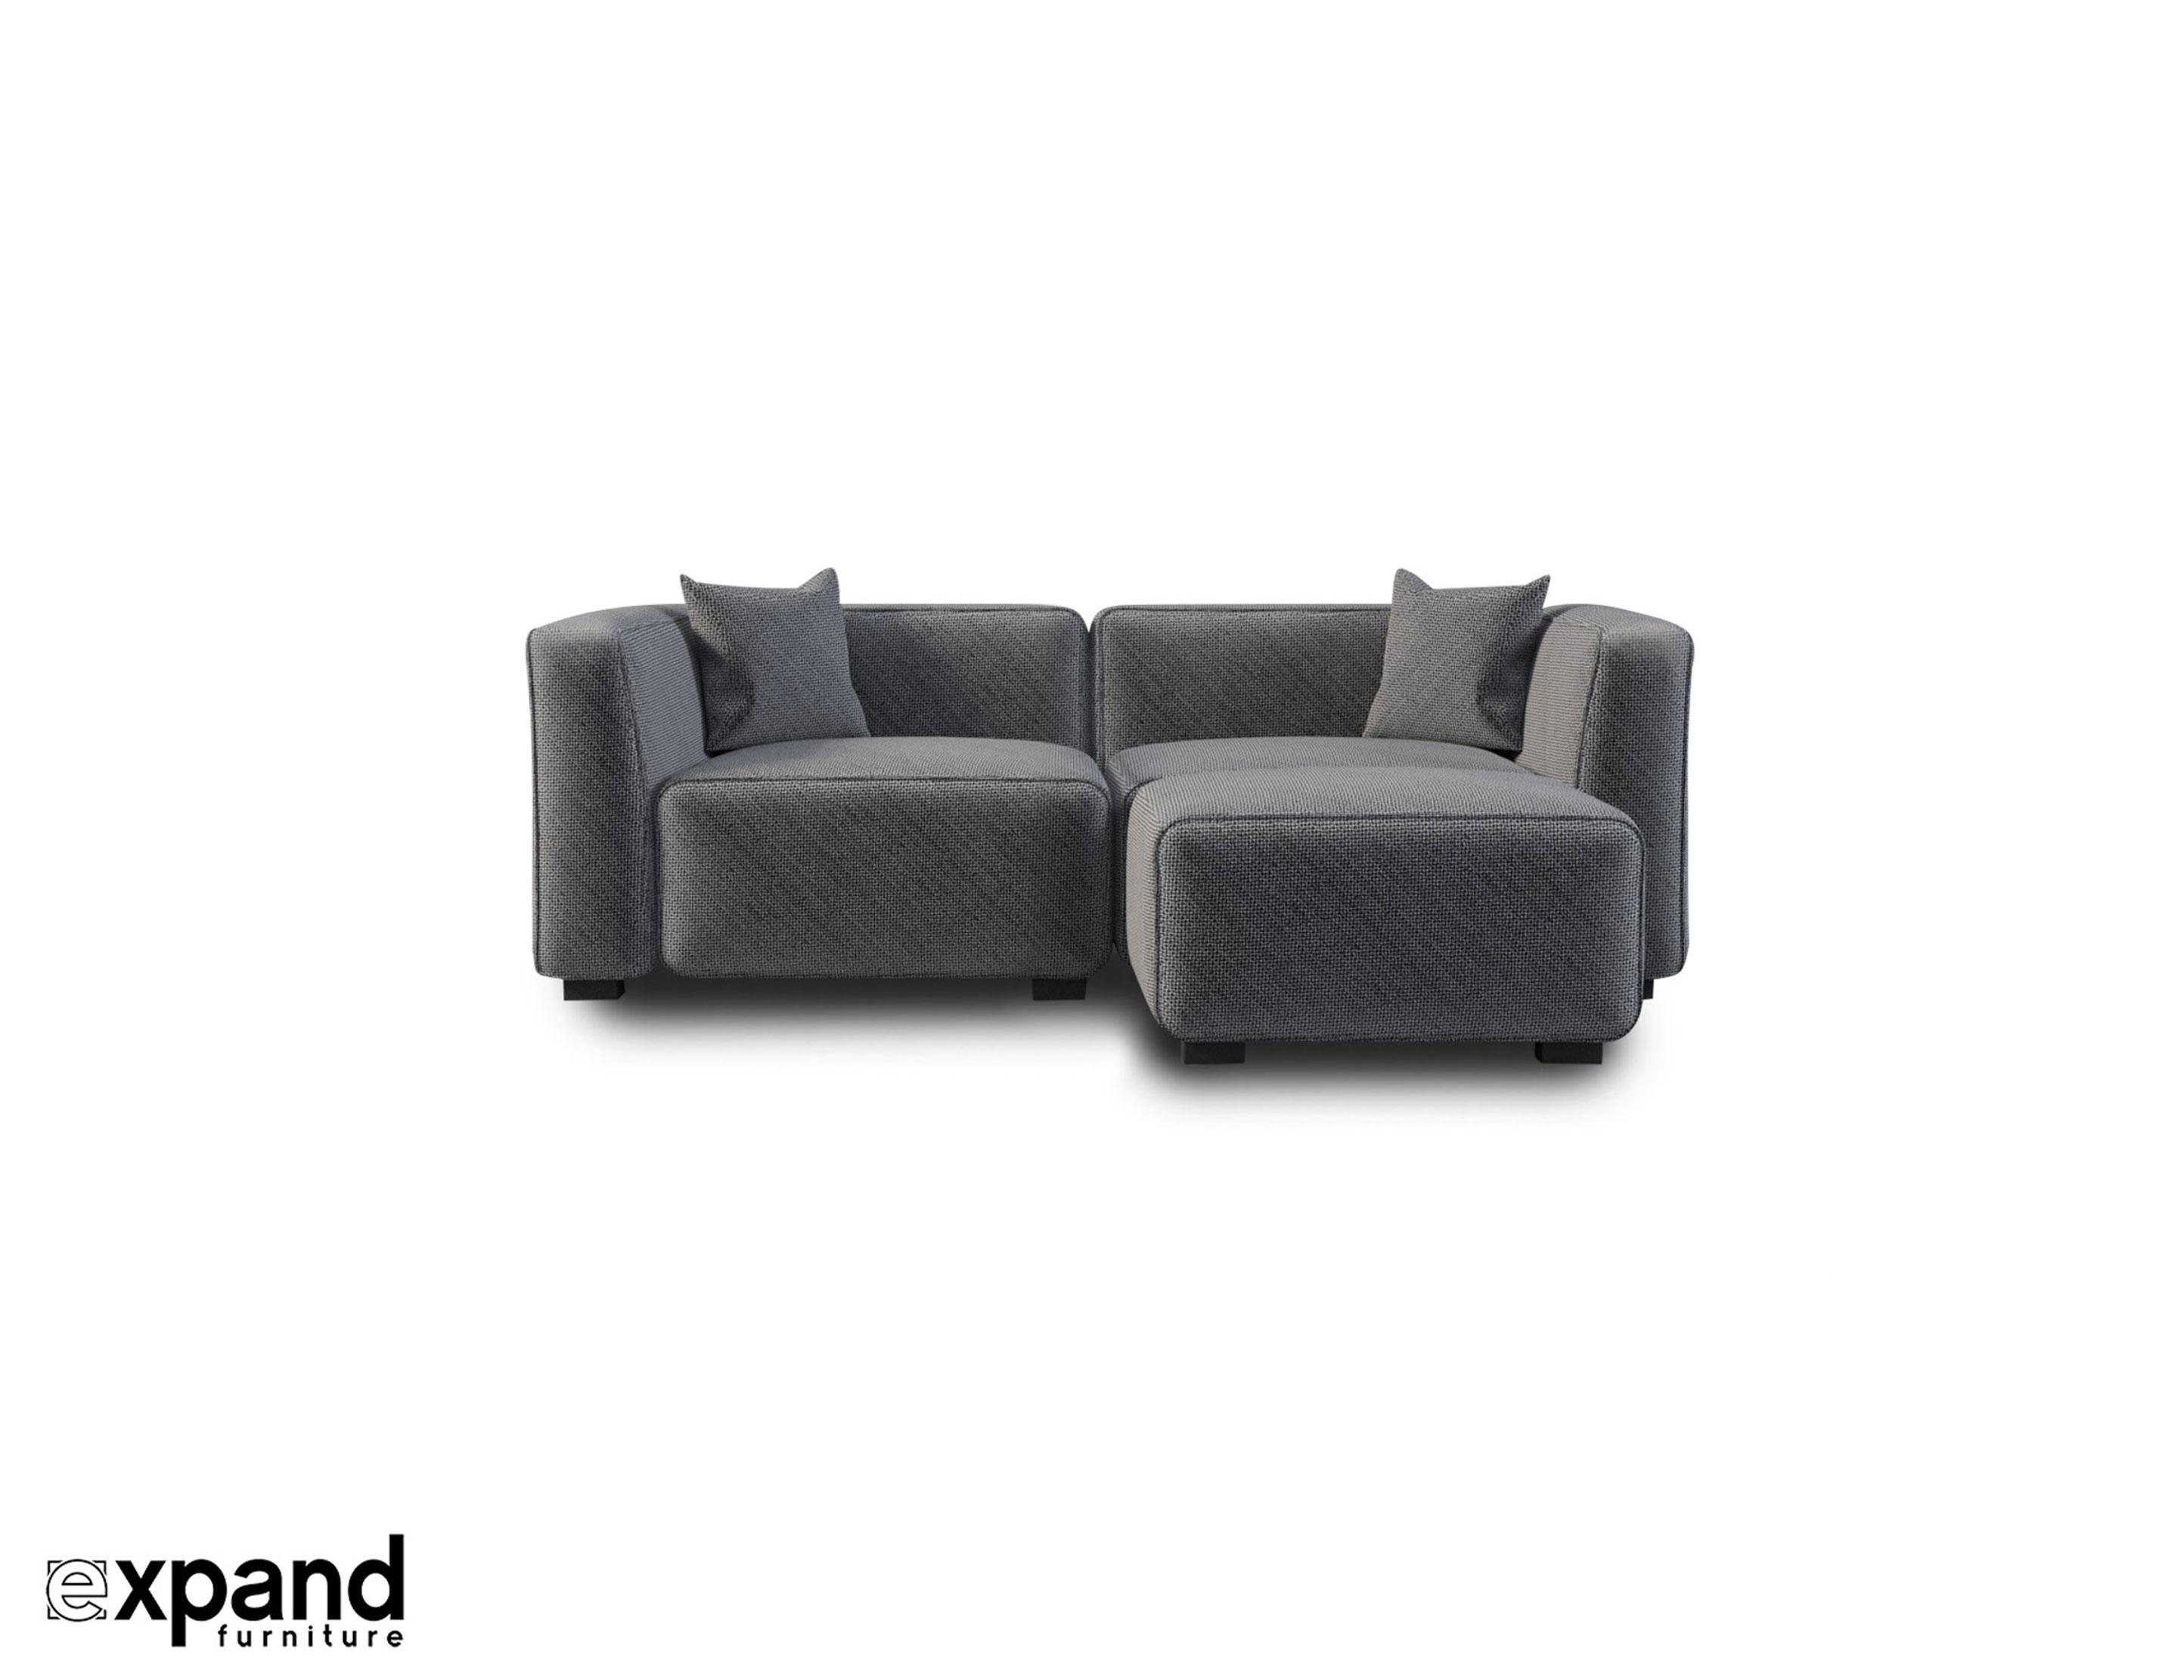 Fantastisch Seats And Sofas Langenhagen Fotos - Innenarchitektur ...